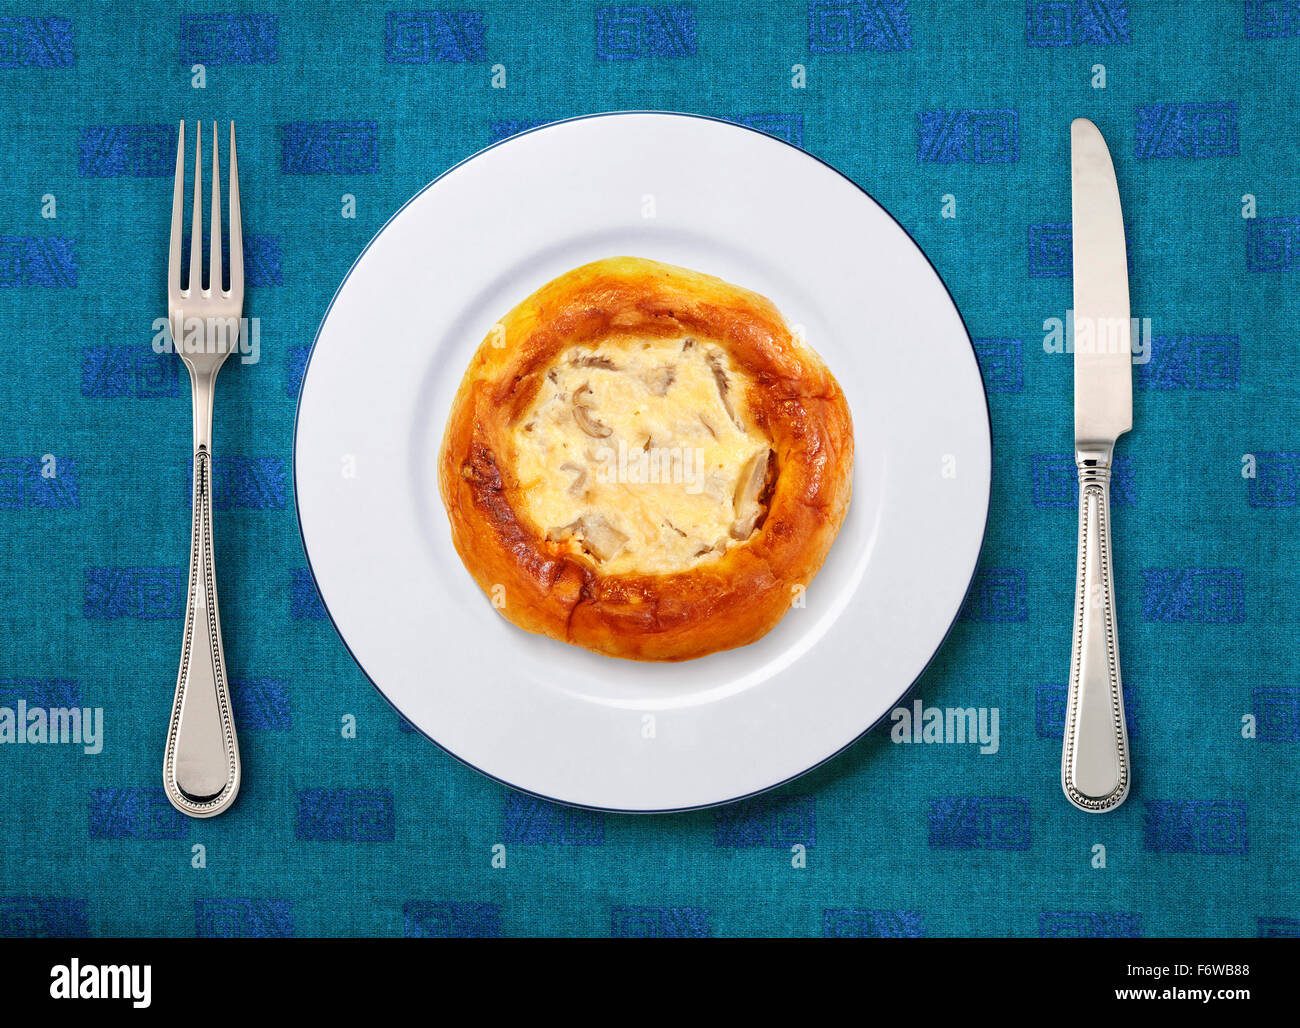 Livelihood im genes de stock livelihood fotos de stock for Tenedor y cuchillo en la mesa